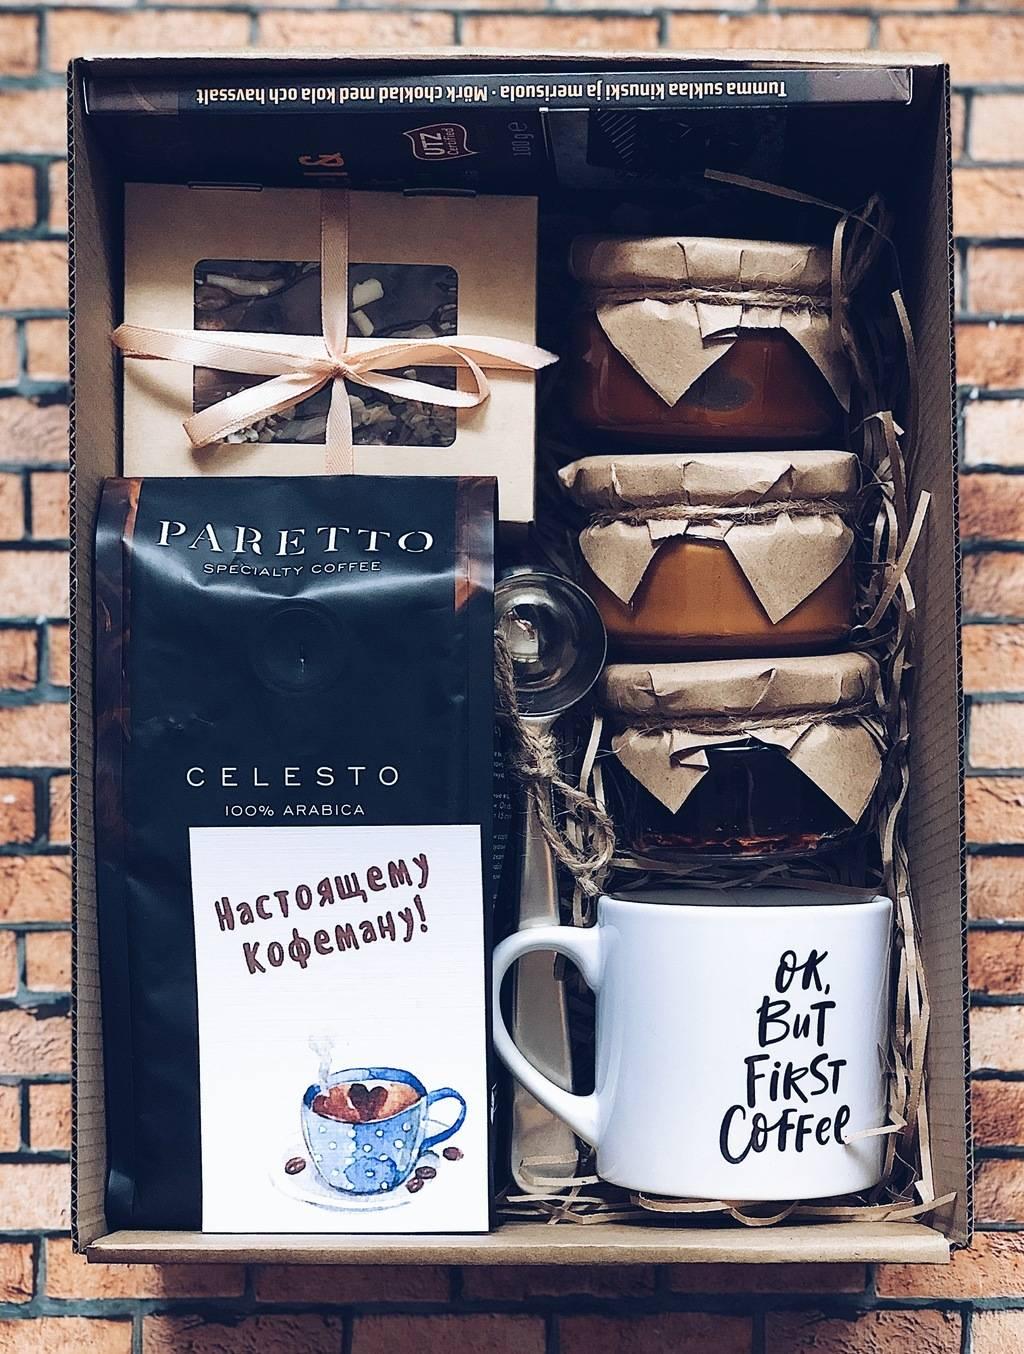 Памятка кофеману: секреты выбора и приготовления кофе в зернах